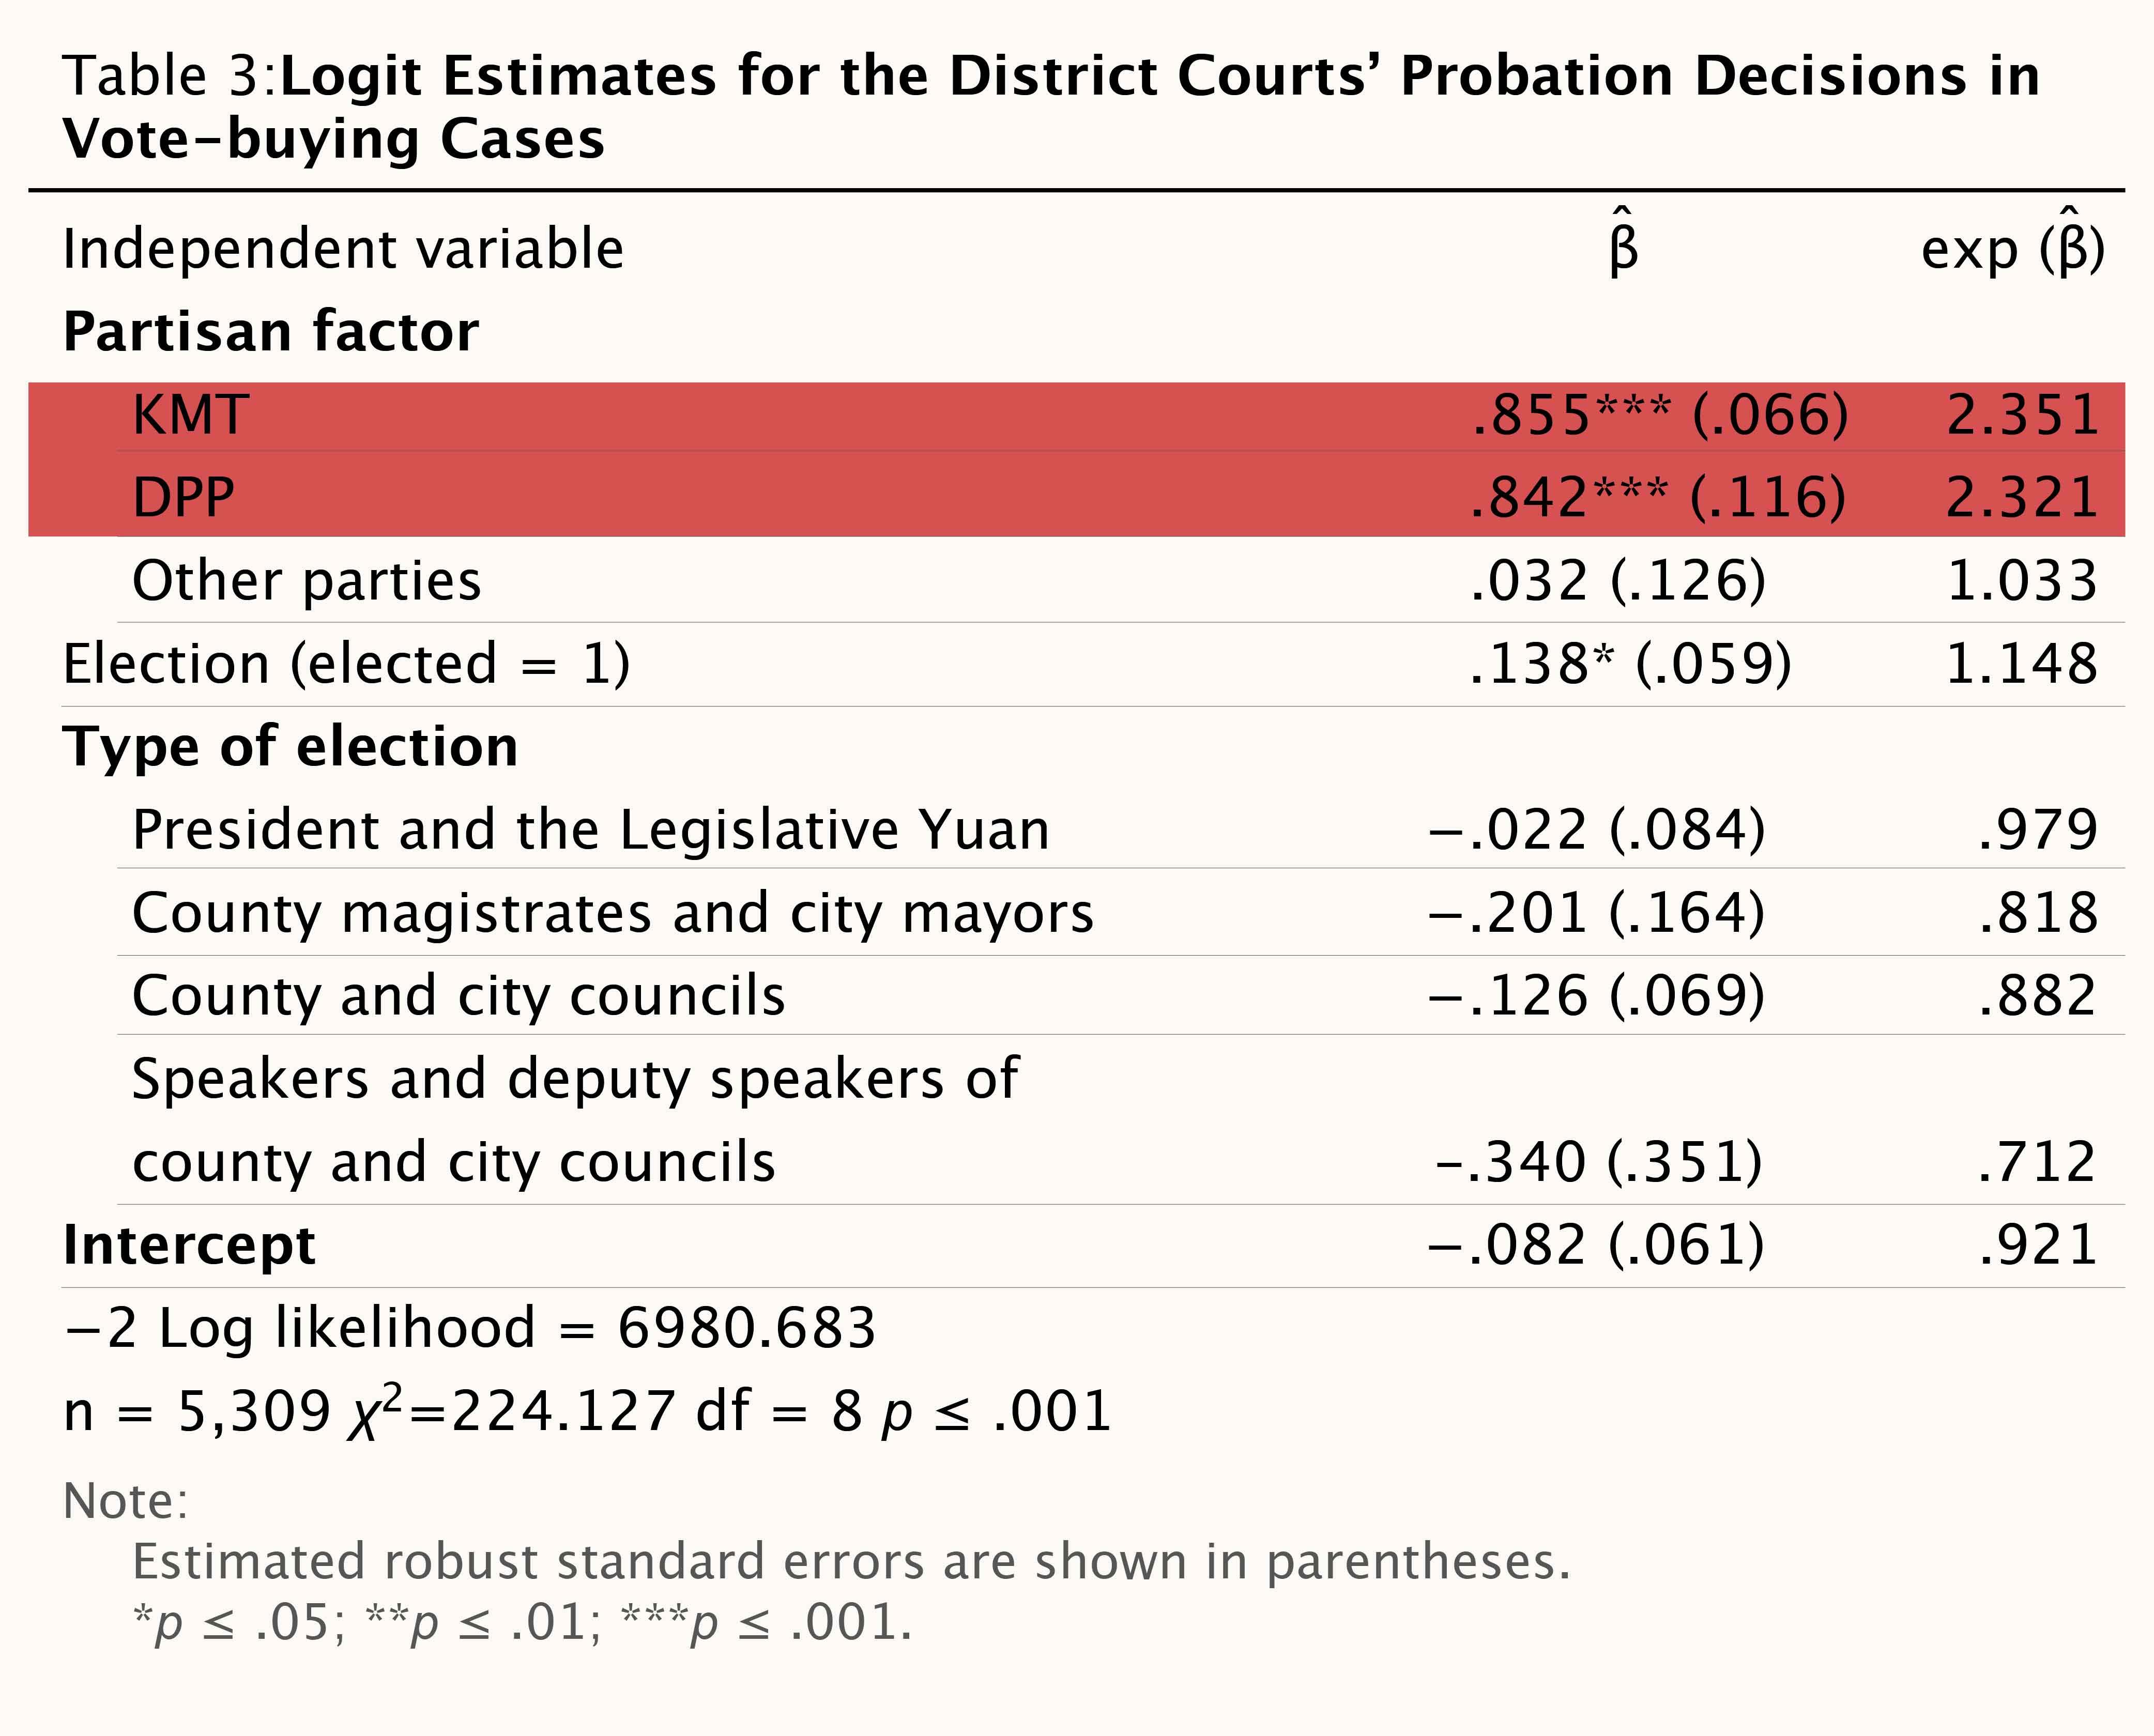 地方法院審理「賄選案件」緩刑判決,紅框處顯示「國民黨籍」確實比較容易被判緩刑,但同時「民進黨籍」也是。資料來源│Charge Me if You Can: Assessing Political Biases in Votebuying Verdicts in Democratic Taiwan (2000–2010)